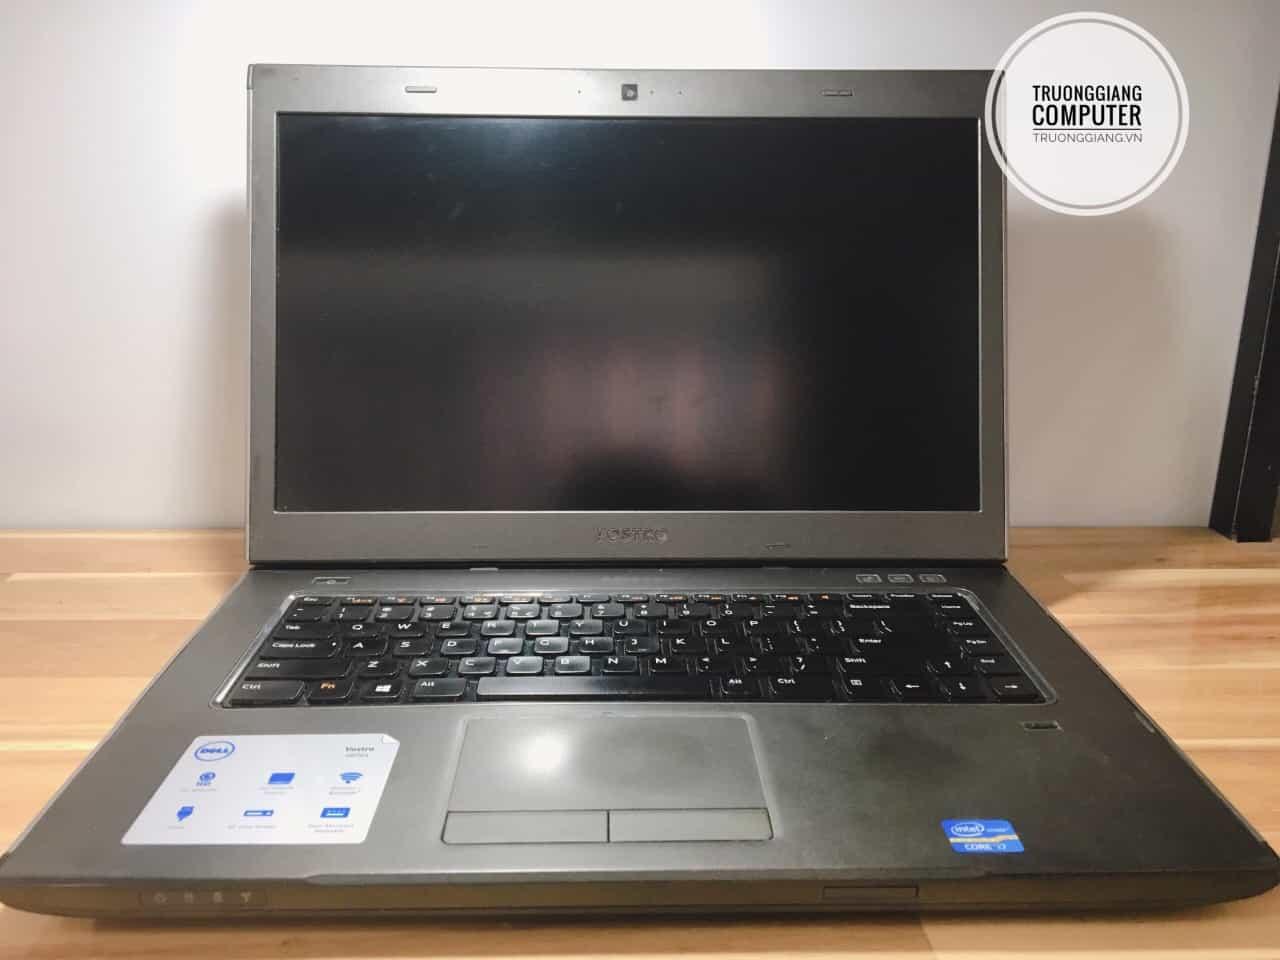 Laptop cũ DELL VOSTRO V3560